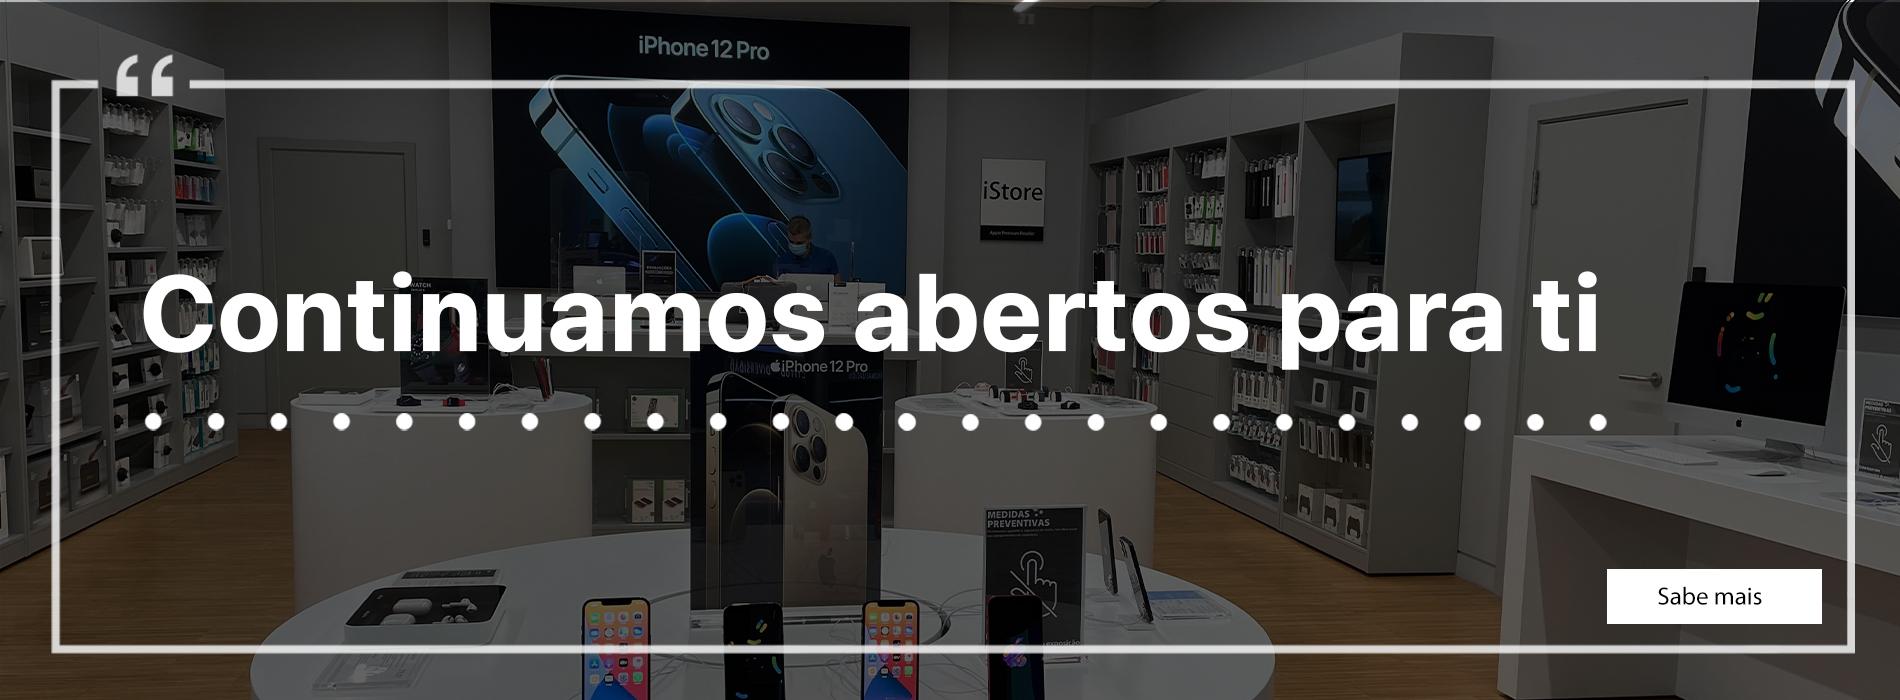 iStore - Lojas Abertas